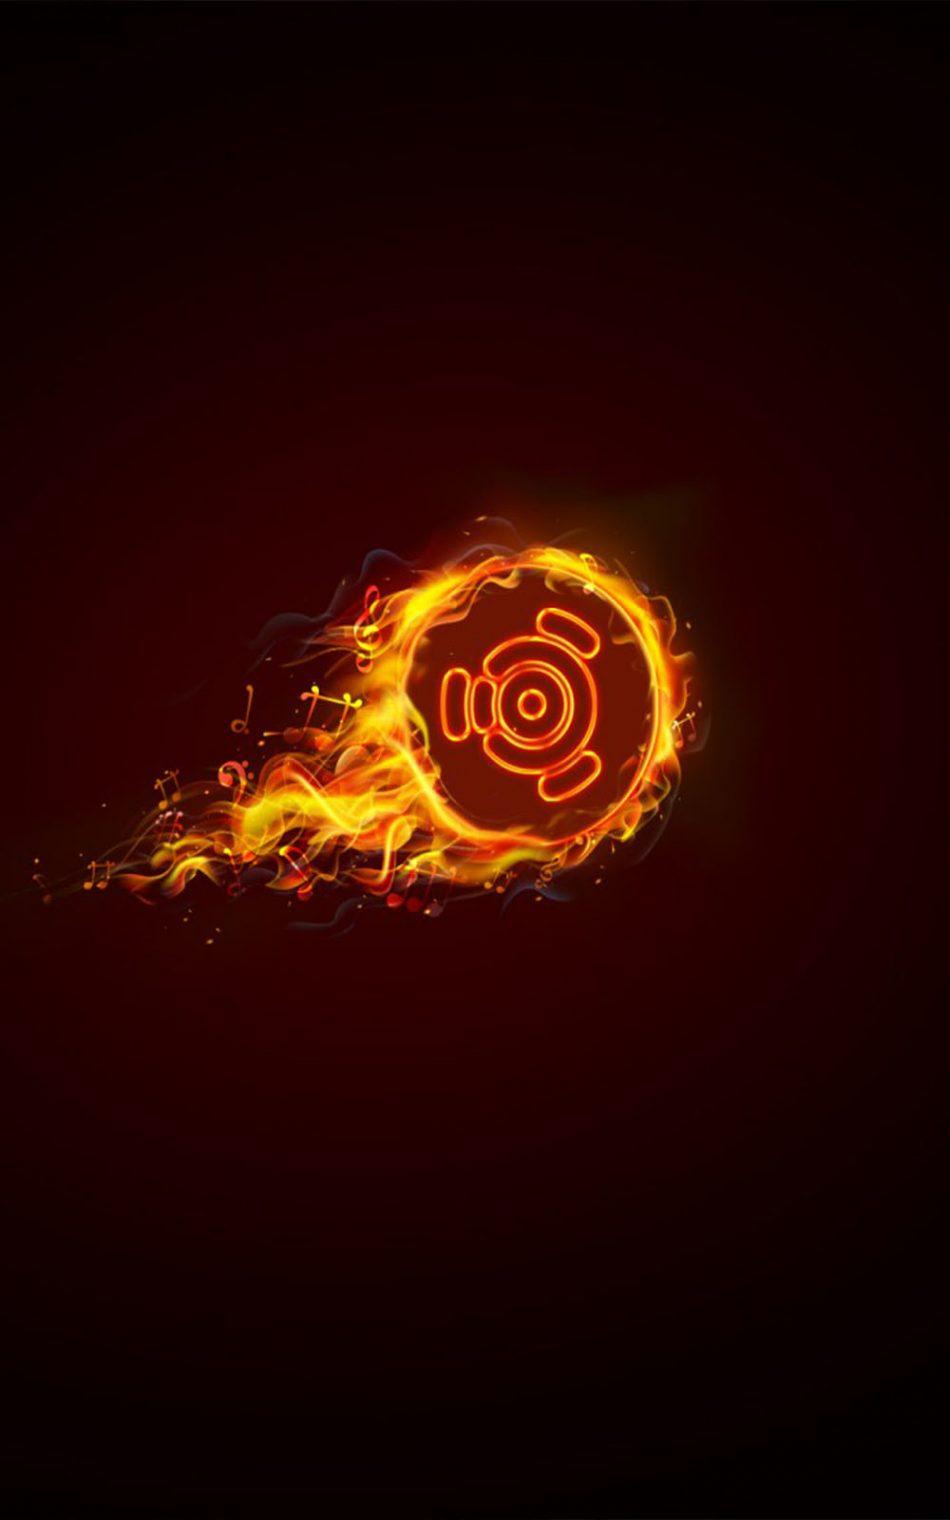 Ubuntu Dark Flame Logo HD Mobile Wallpaper